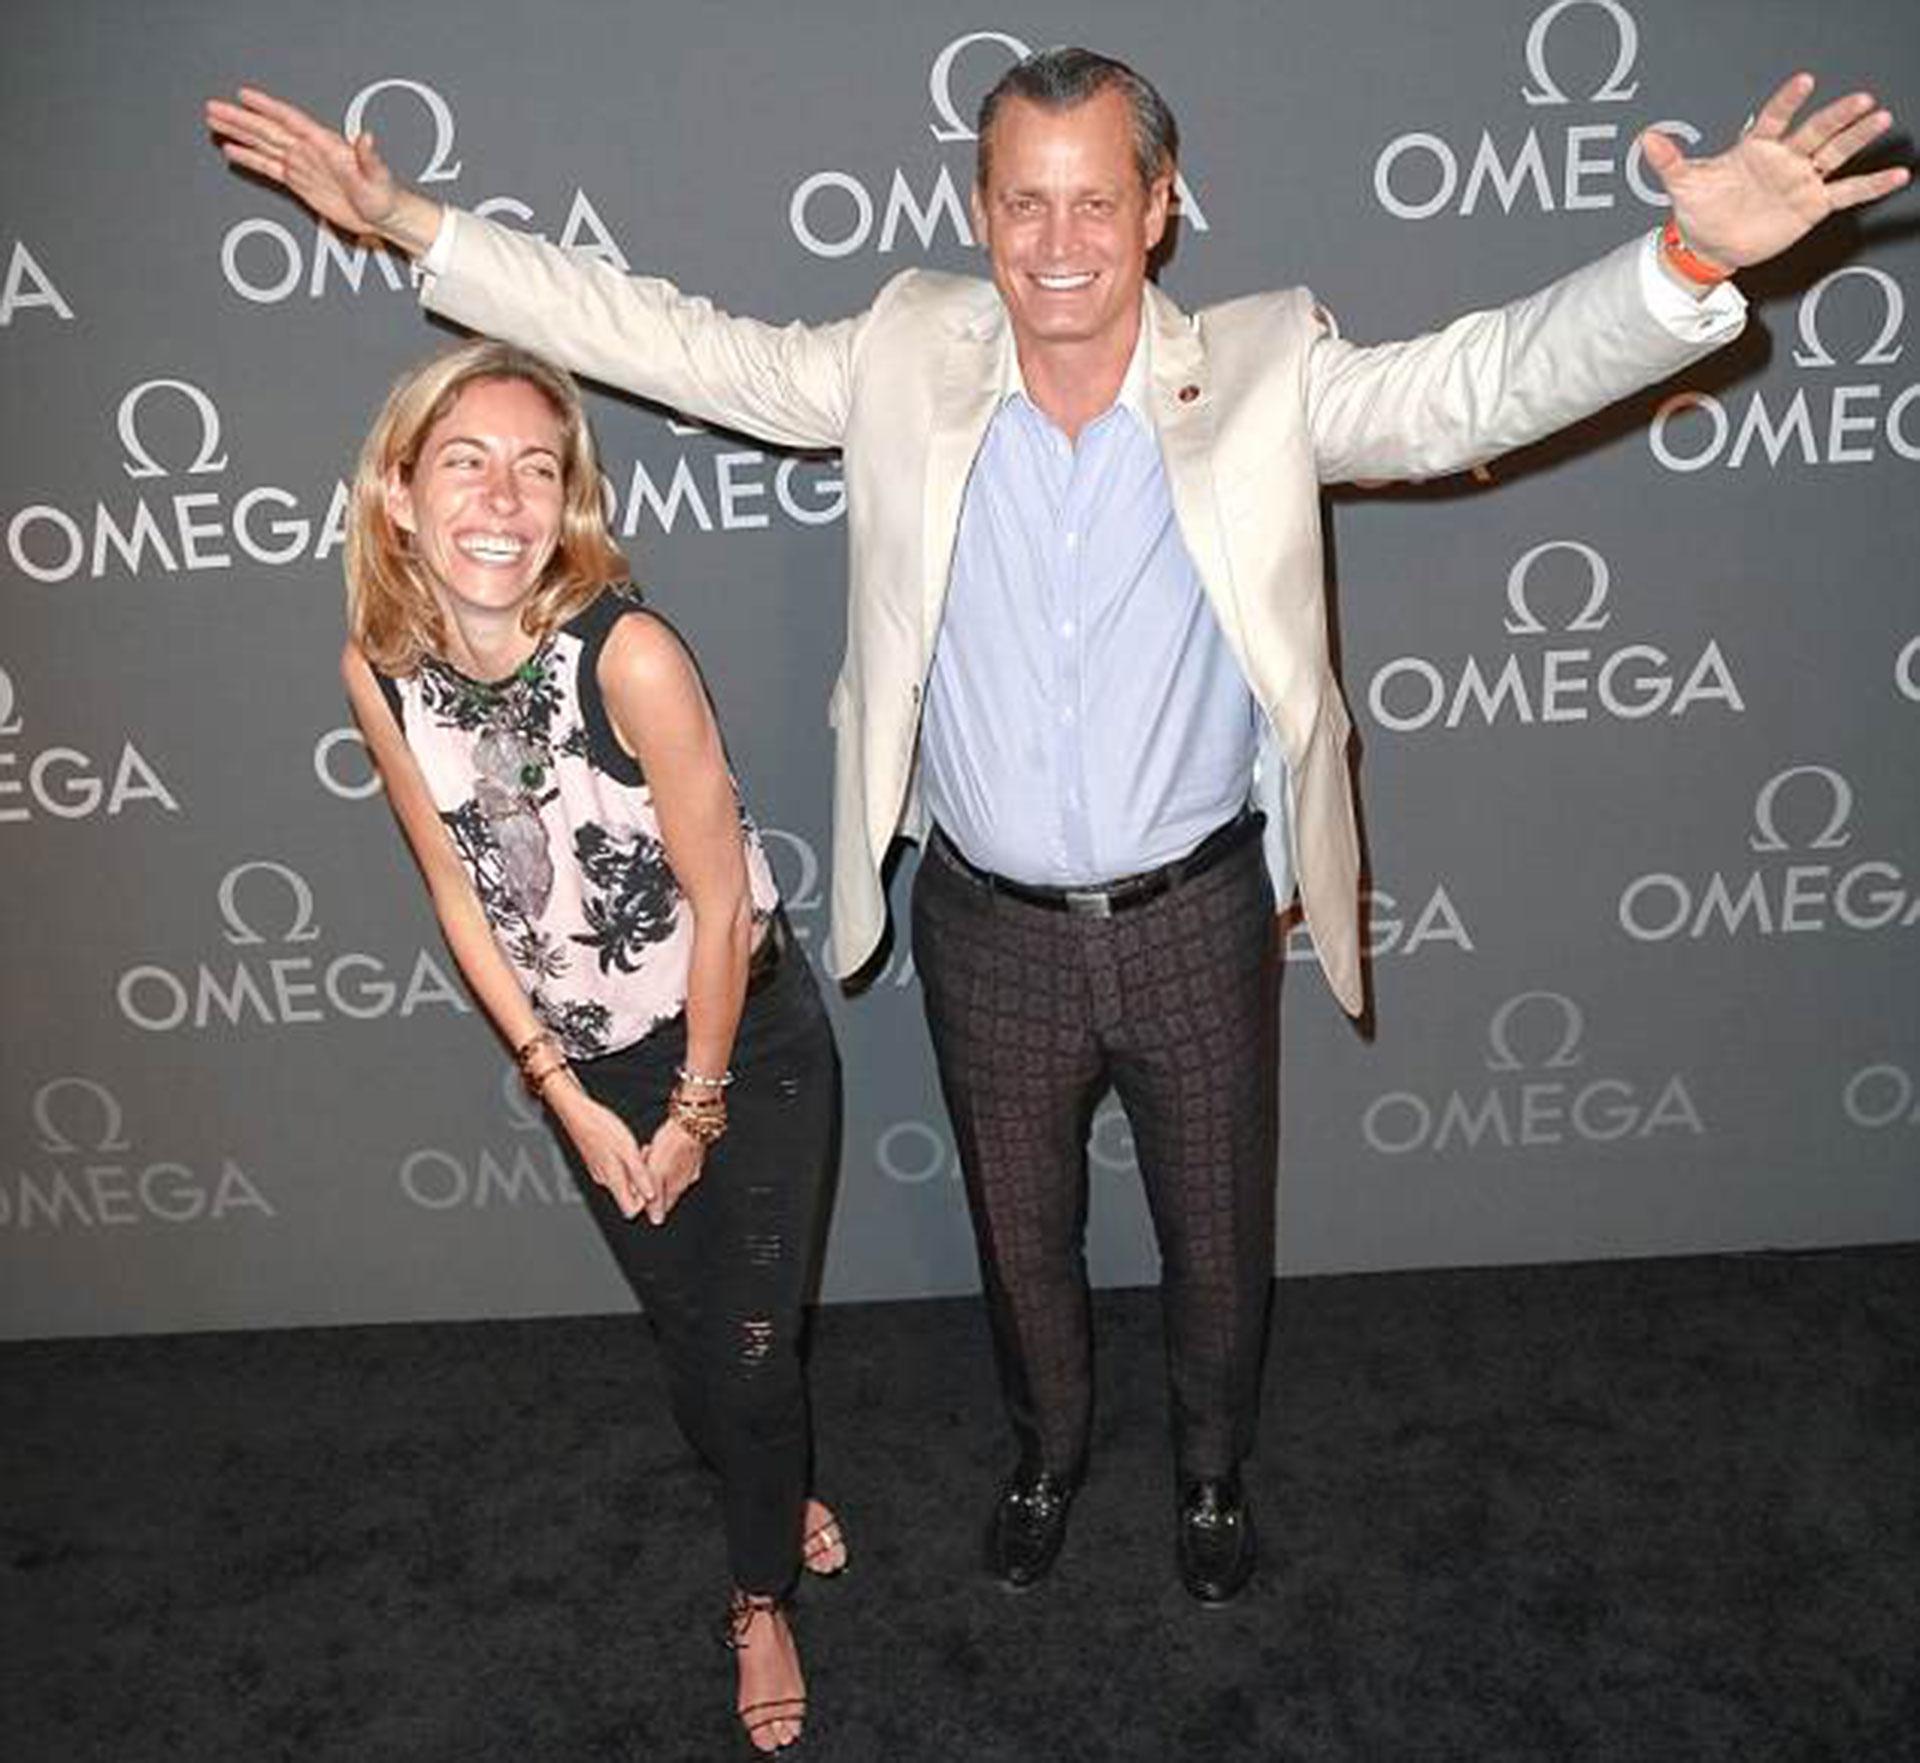 Matthew Mellon con su última esposa Nicole, con quien tuvo dos hijos, en junio de 2014 (Shutterstock)